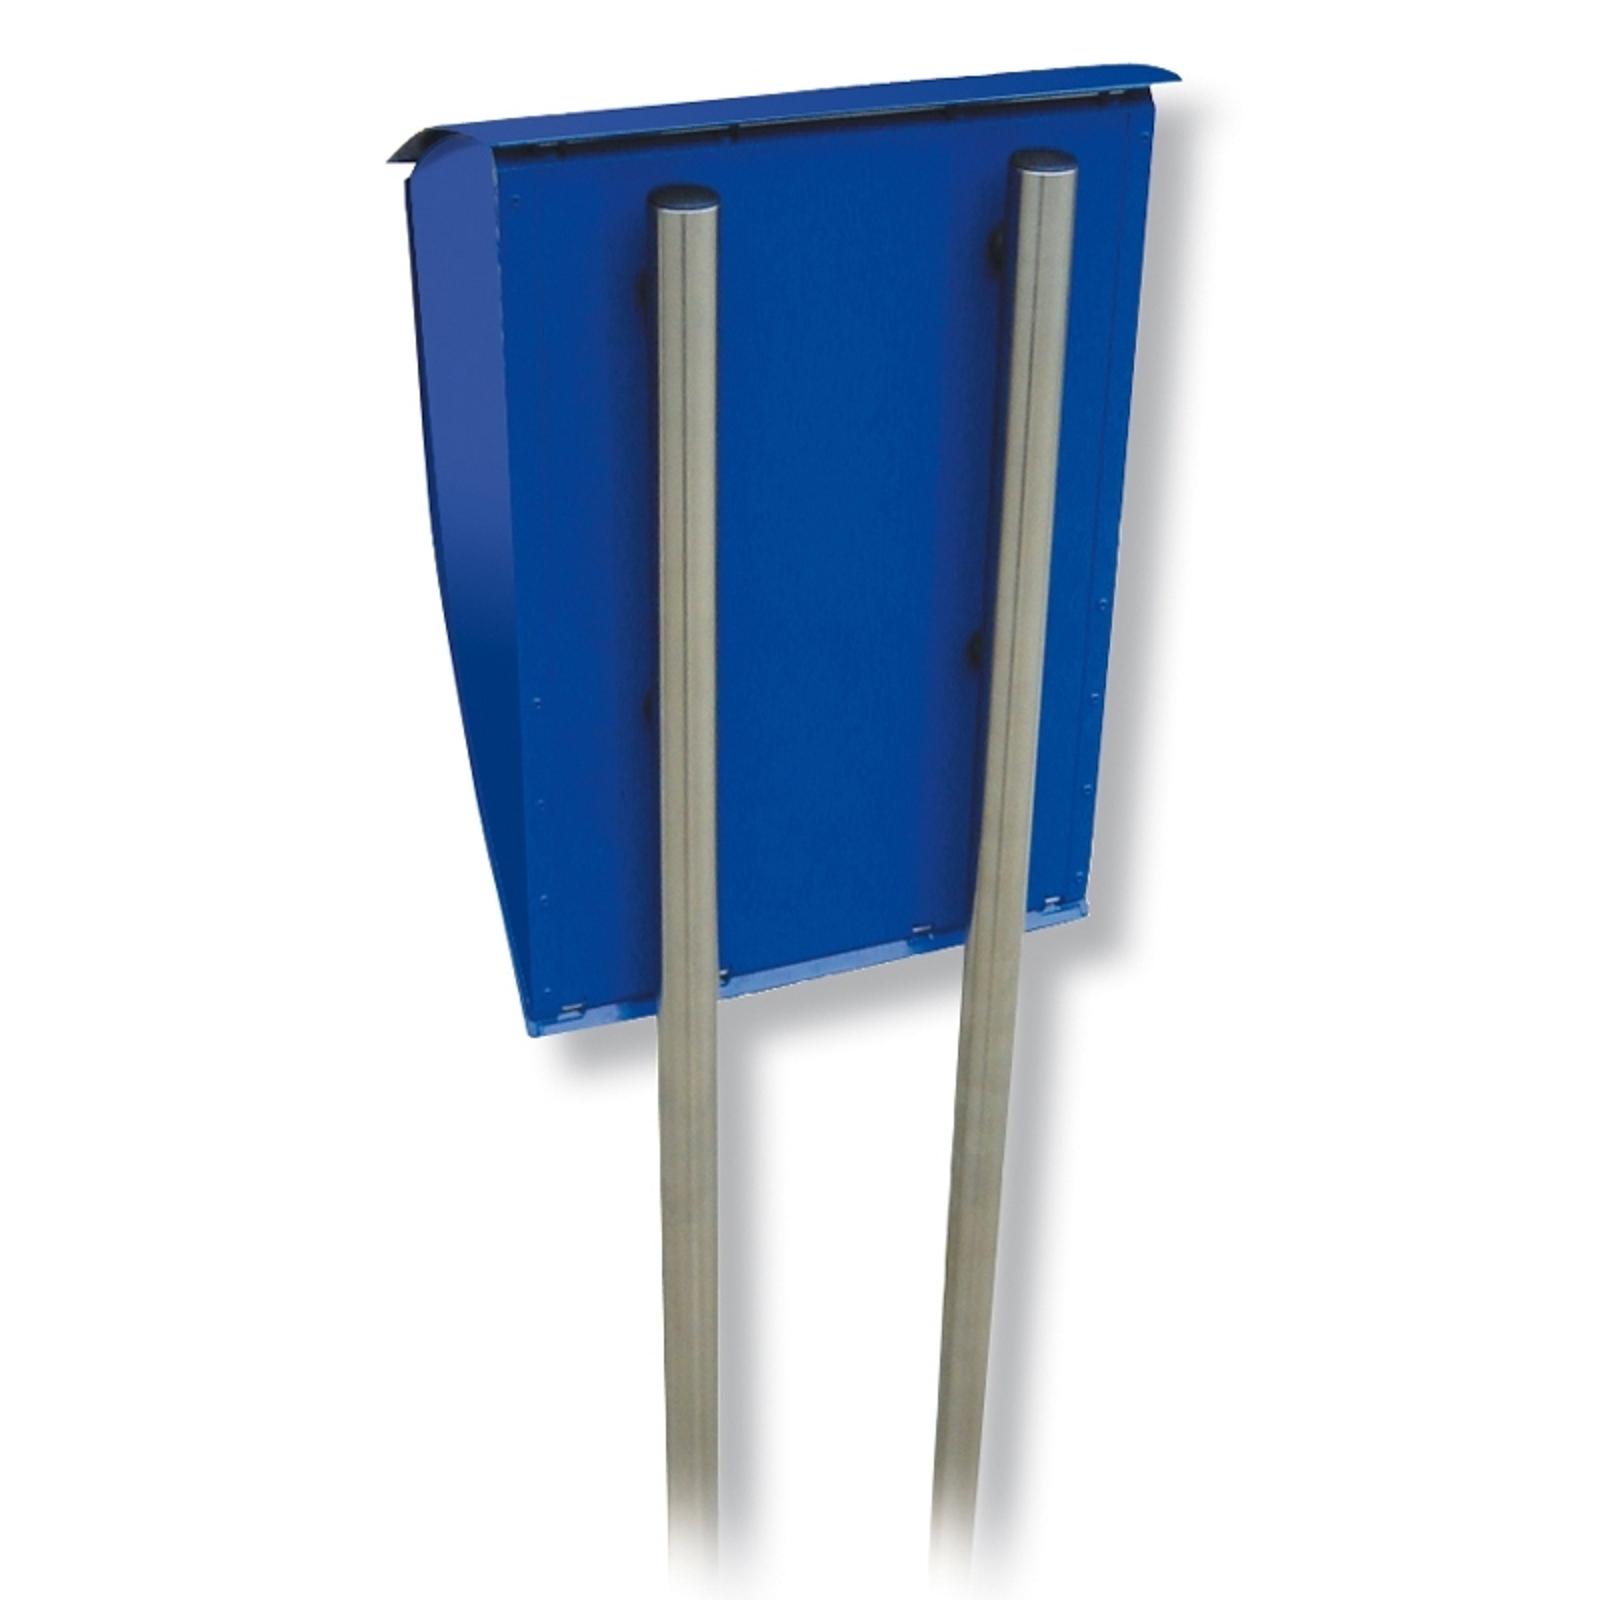 Supporto per cassetta Universal 150, acciaio